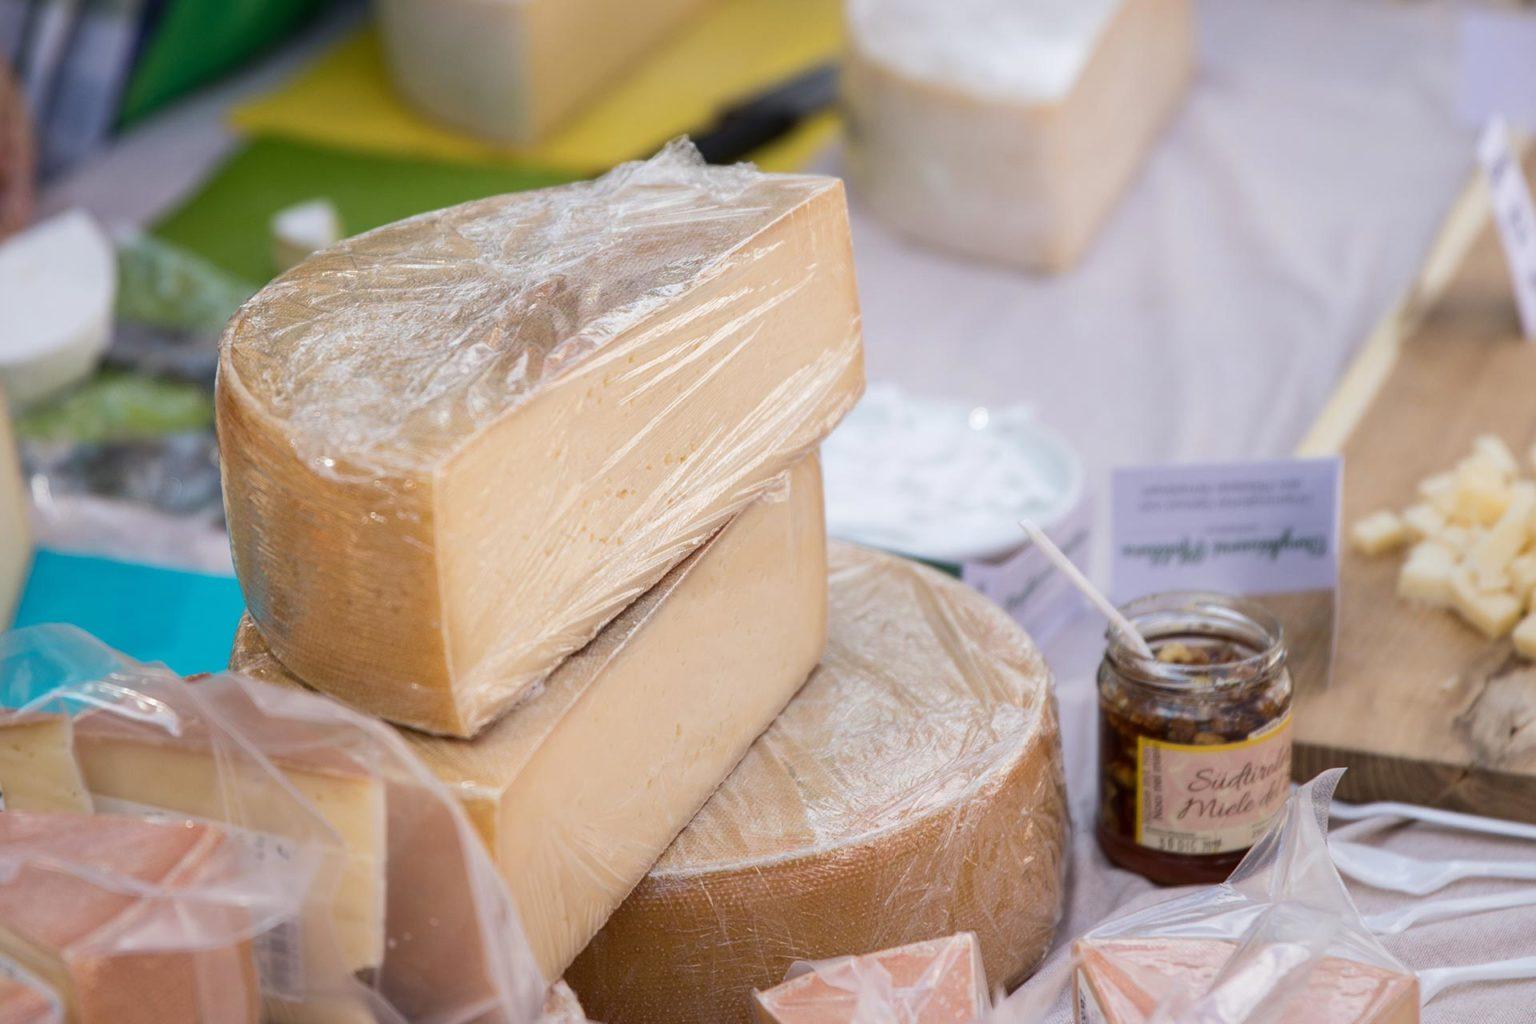 Köstlicher Südtiroler Käse mit Milch aus eigener Erzeugung